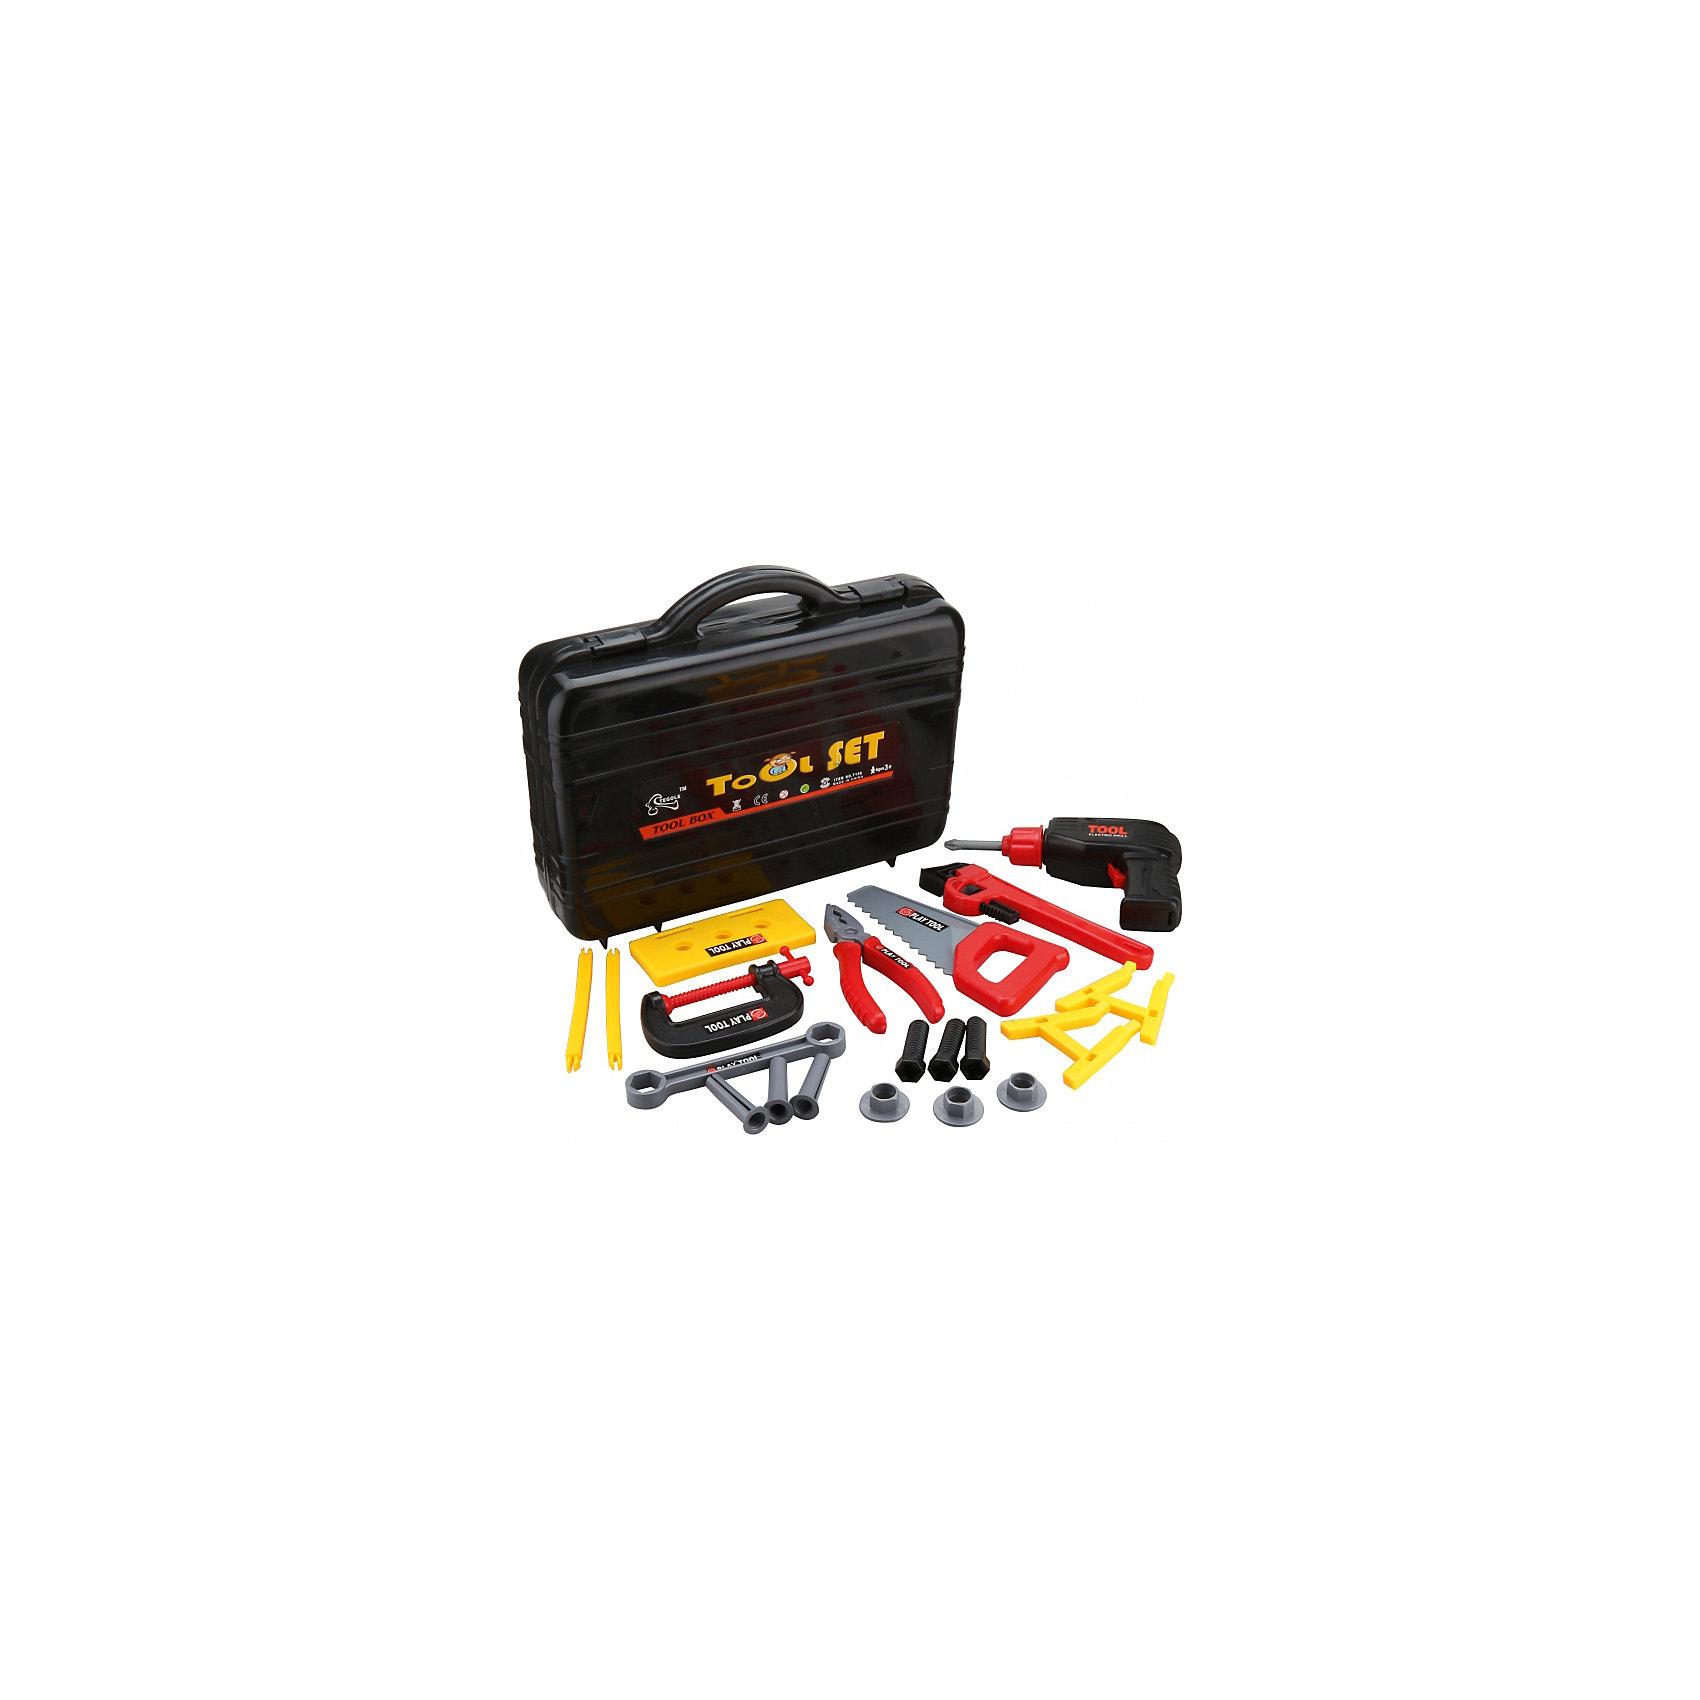 ALTACTO Игровой набор инструментов Заветный чемоданчик (20 предм., в кейсе), ALTACTO набор инструментов квалитет ндм 85